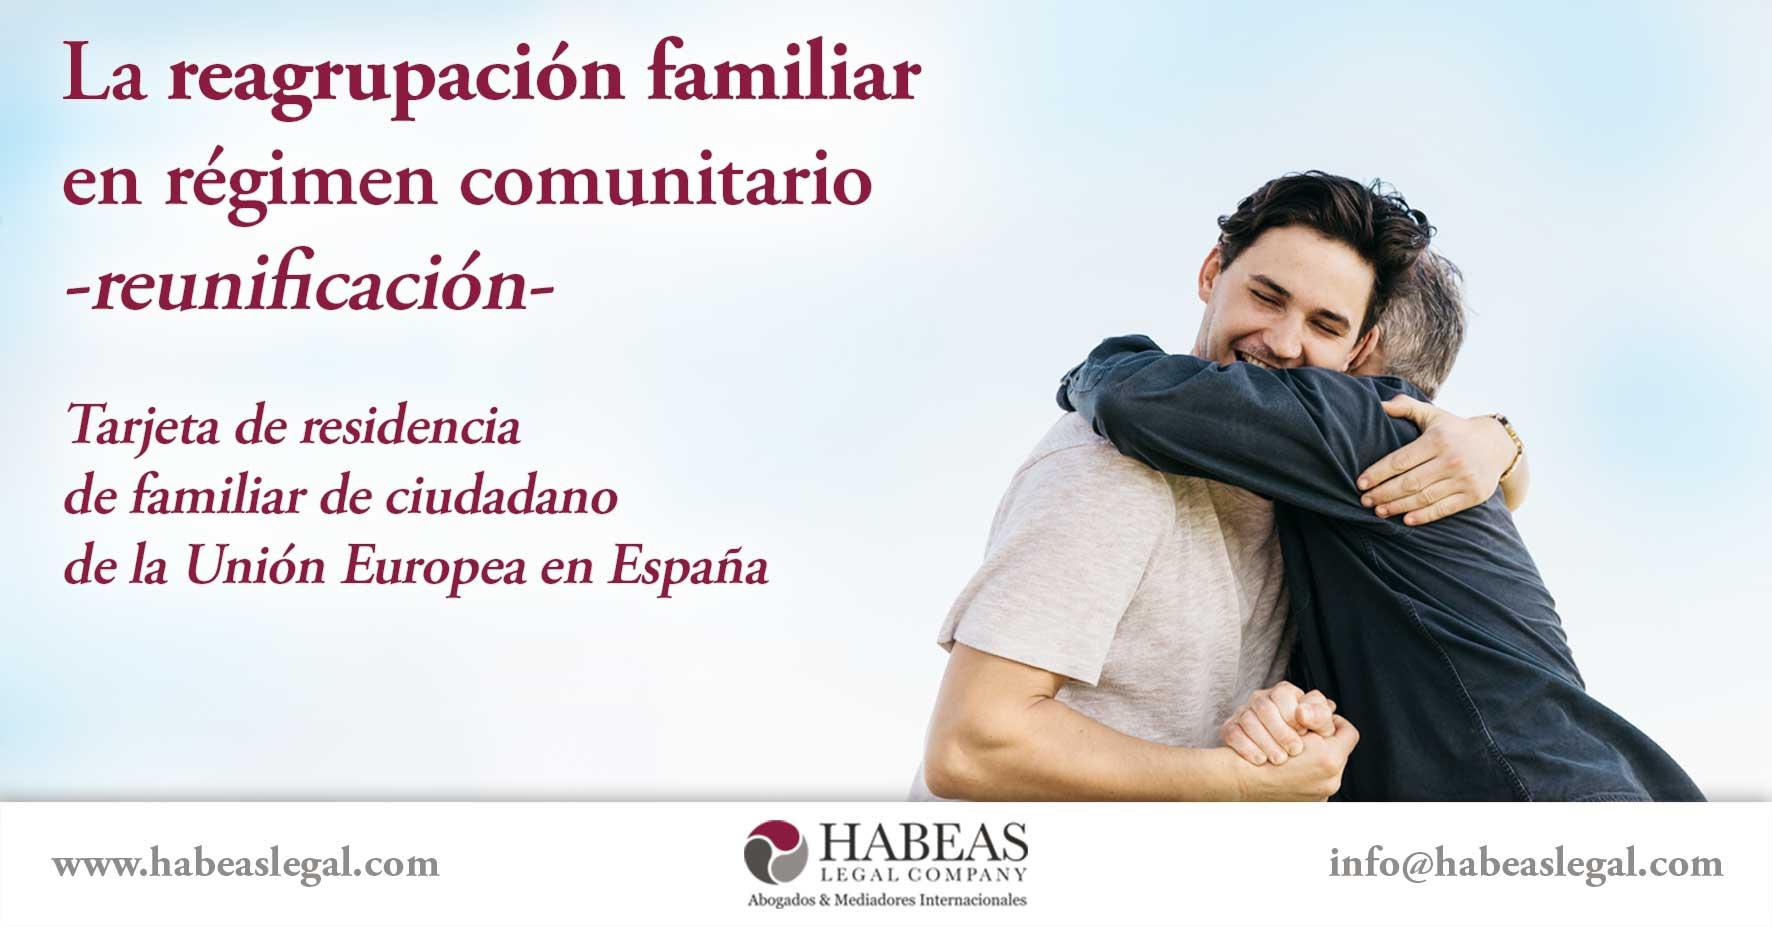 La reagrupación familiar en régimen comunitario o reunificación y obtención de la tarjeta de familiar comunitario